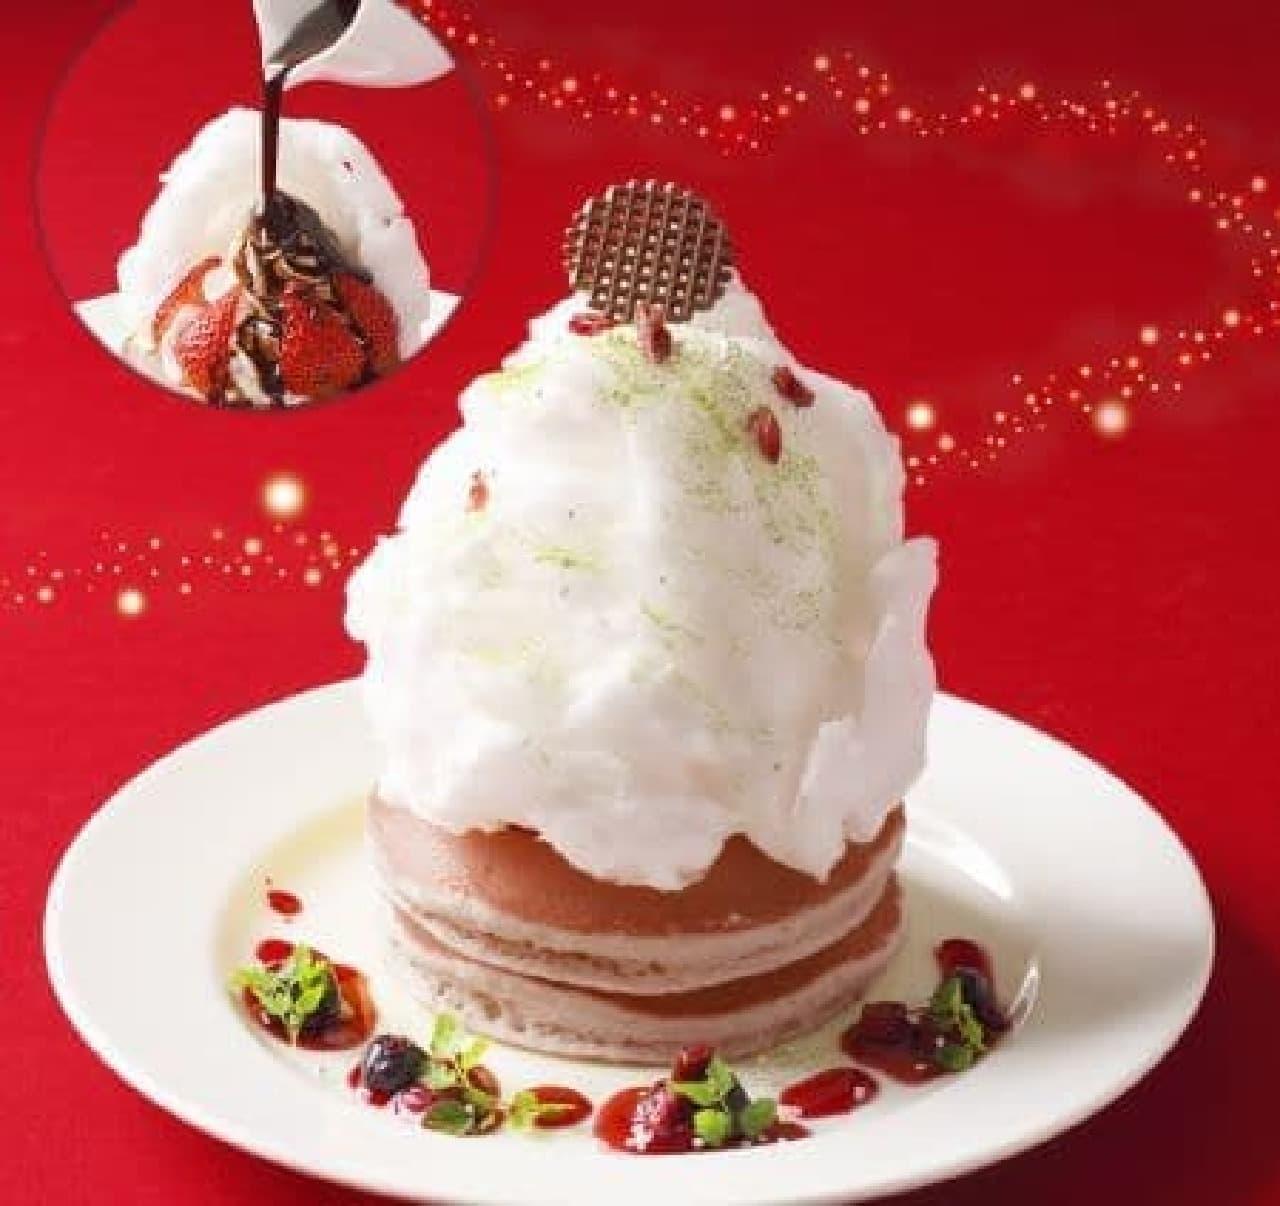 「クリスマスパンケーキ~メルティマジック~」は苺がほのかに香る食感のパンケーキをわたがしで包んだデザート